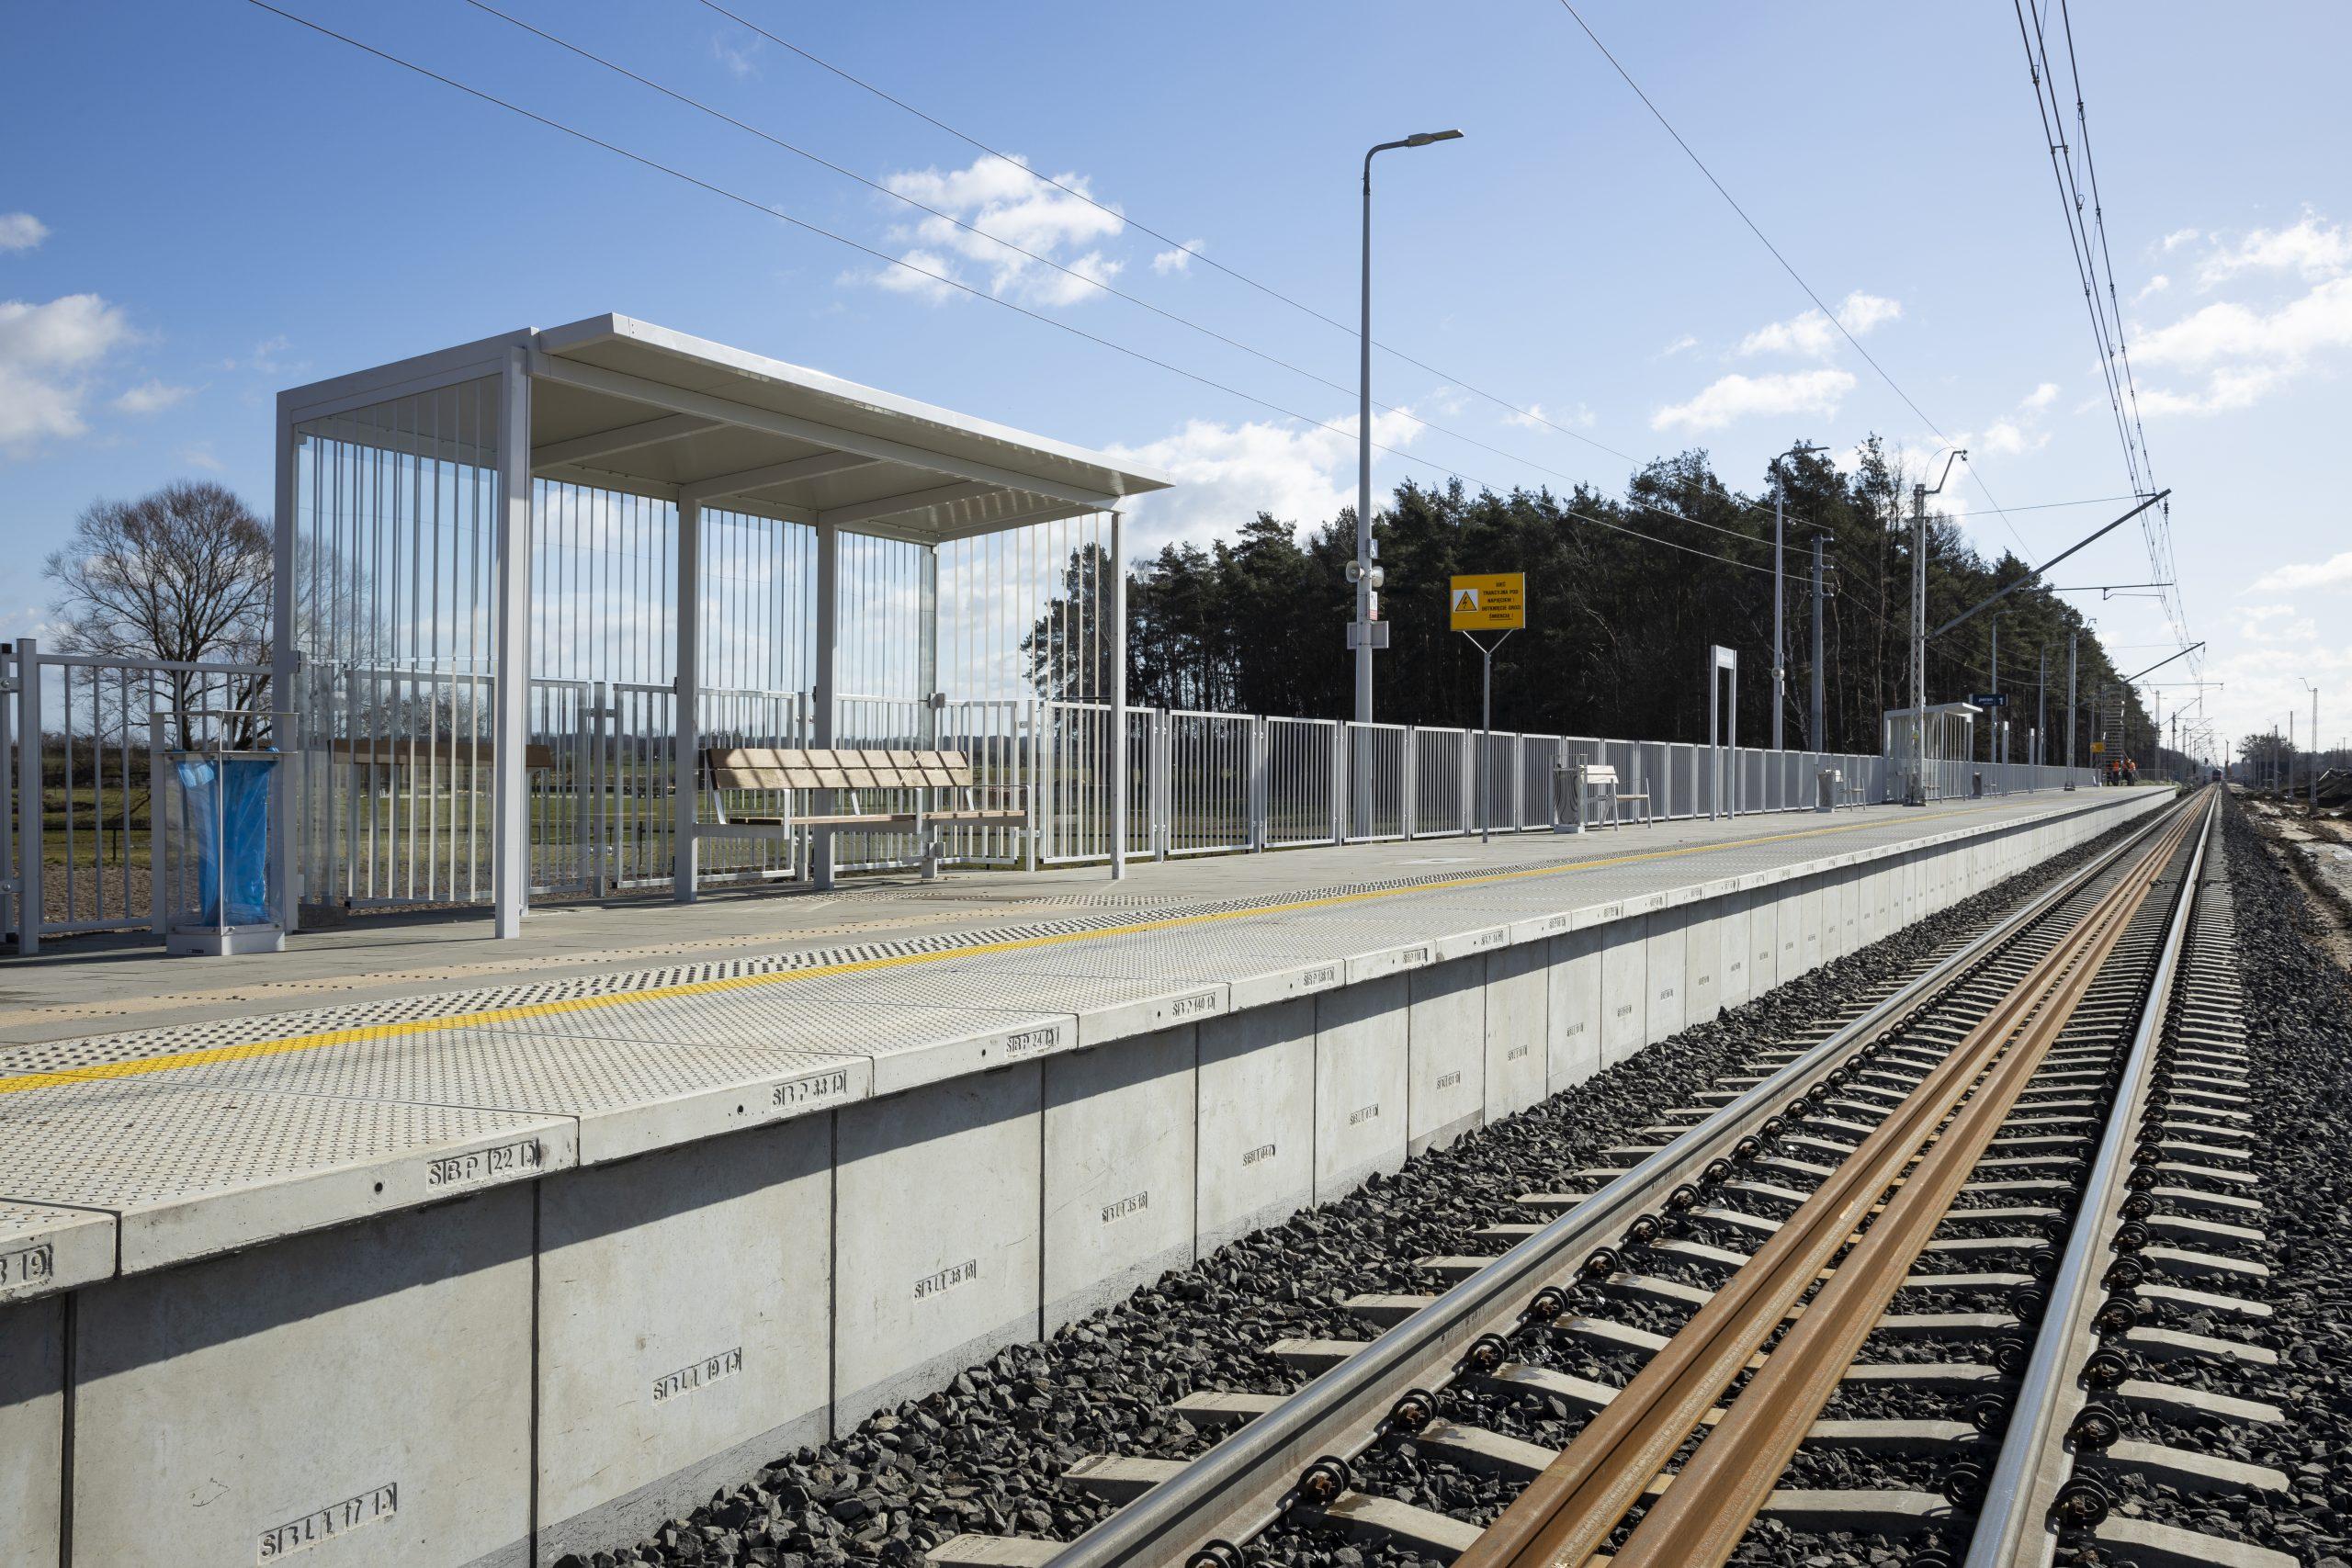 Zdjęcie przedstawia gotowy peron wraz z częścią torów na przystanku Baborówko.